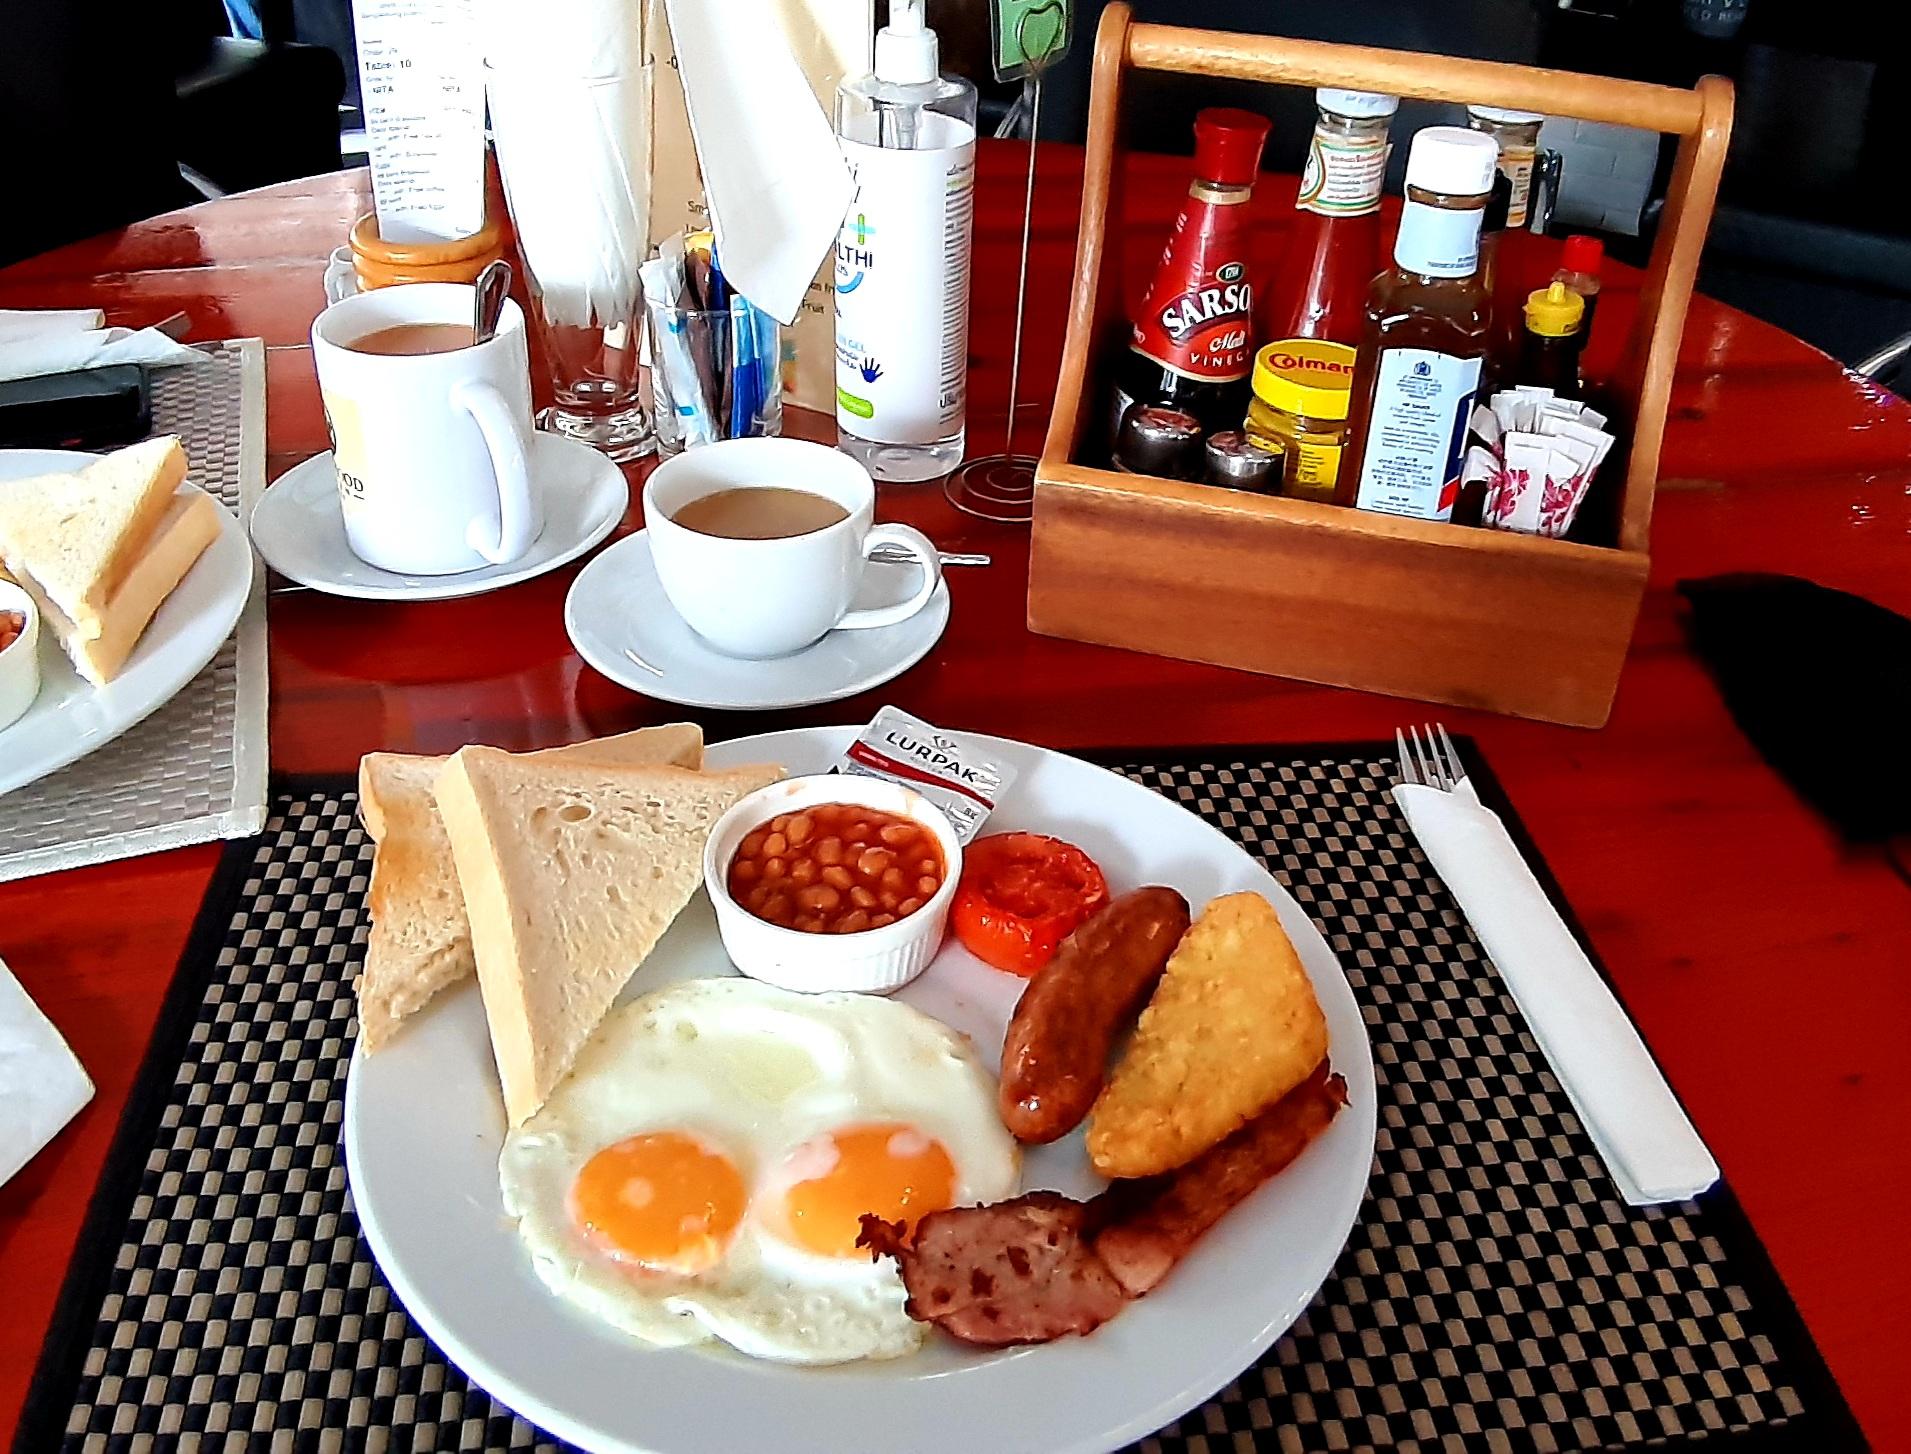 Breakfast-20211013_110900-jpg